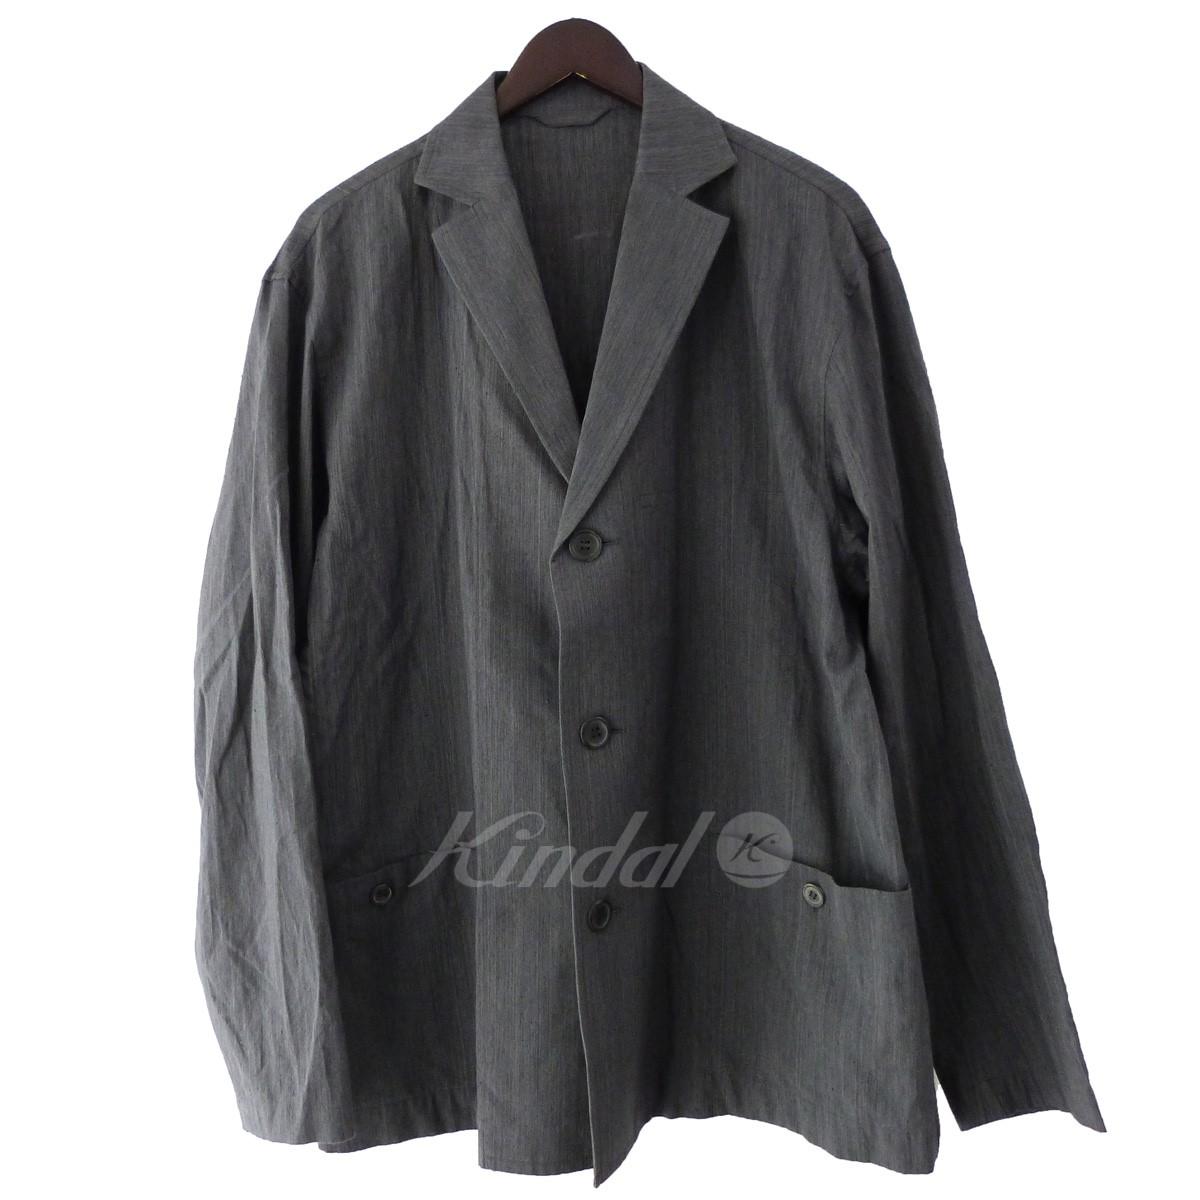 【中古】ISSEY MIYAKE MEN 17AW ノッチドラペル3Bジャケット グレー サイズ:3 【250519】(イッセイミヤケメン)